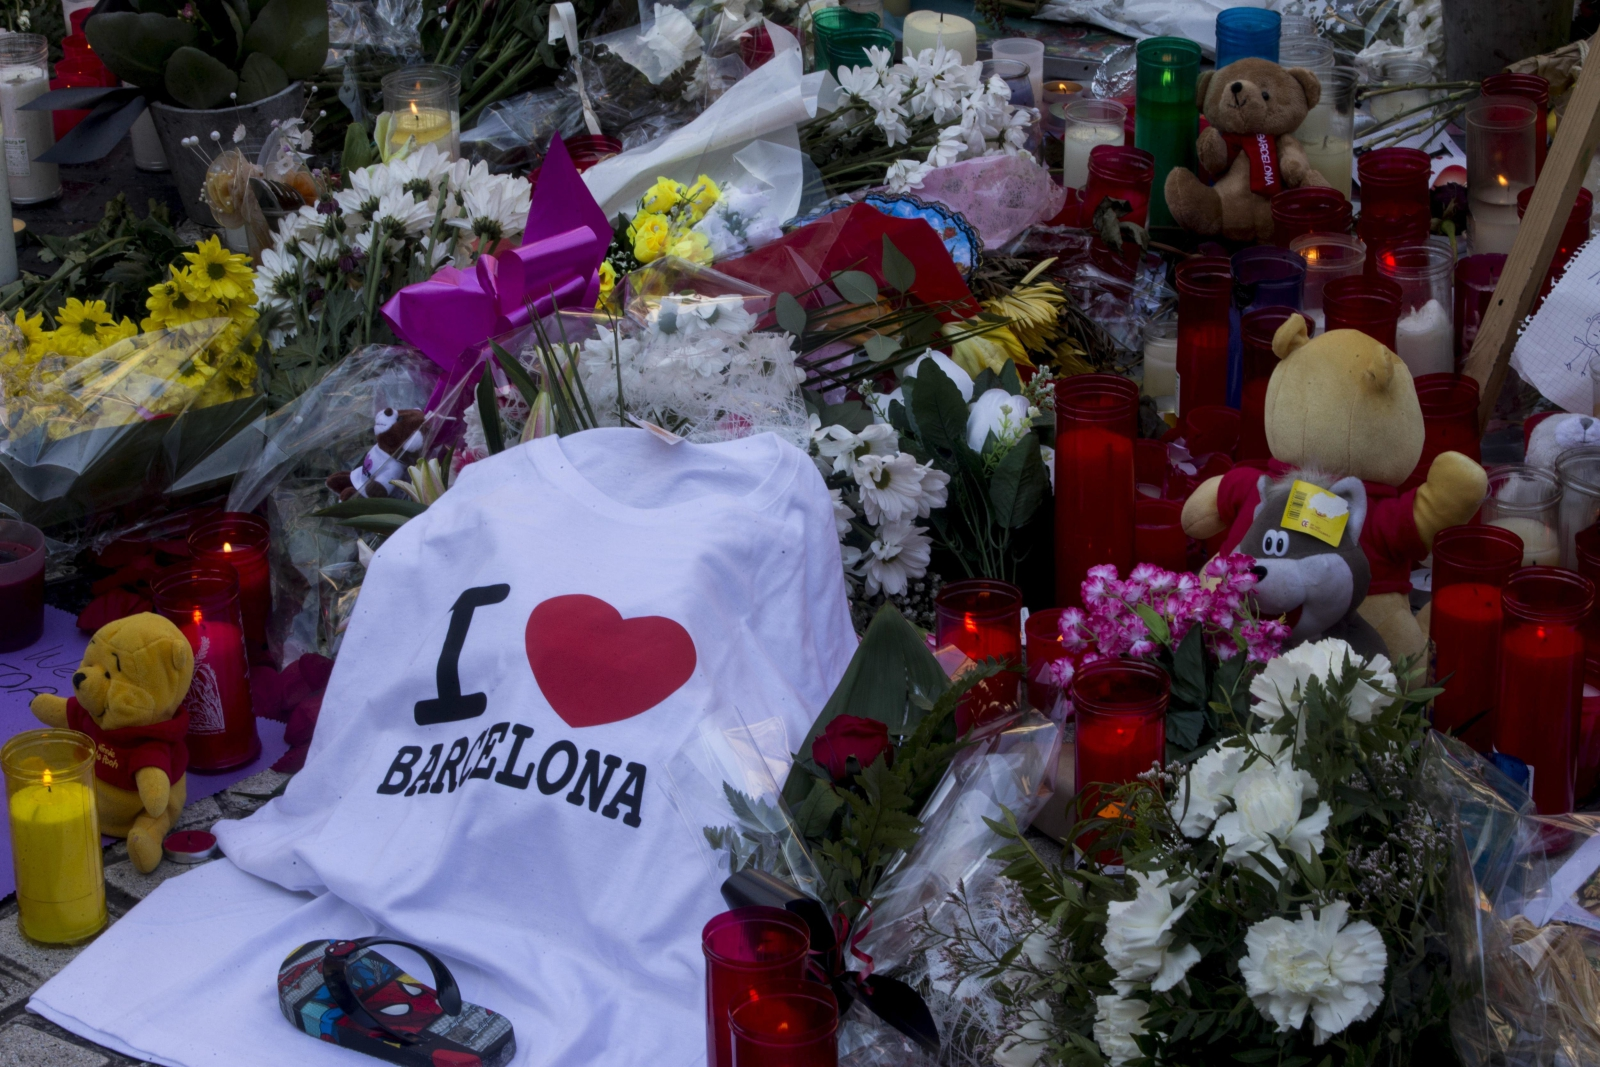 Hiszpania, żałoba w Barcelonie po zamachach EPA/QUIQUE GARCIA